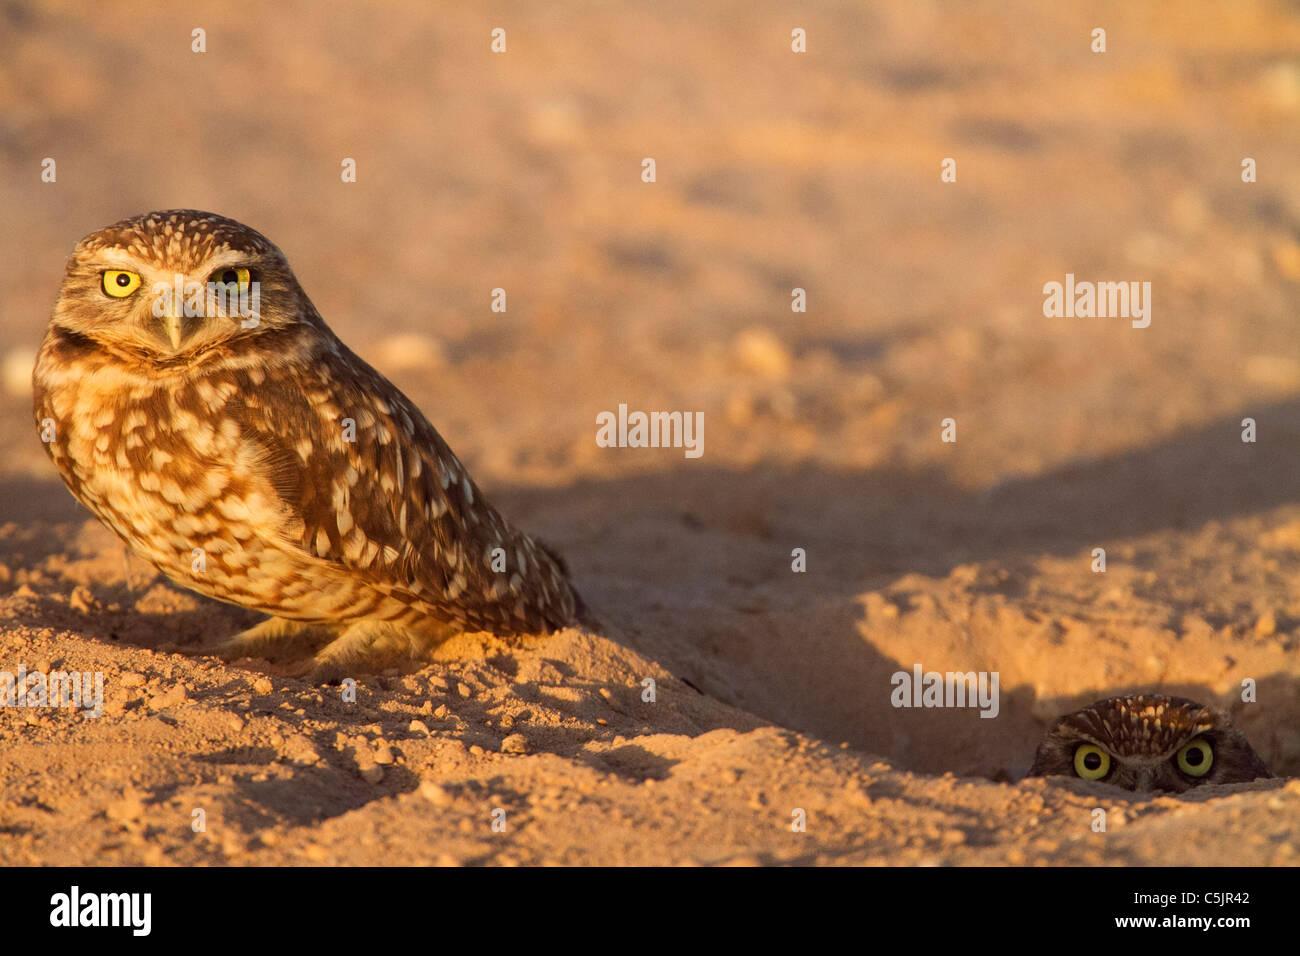 Northern (oder Western) Kanincheneule, in der Nähe von the Salton Sea, Imperial Valley, Kalifornien. Stockbild